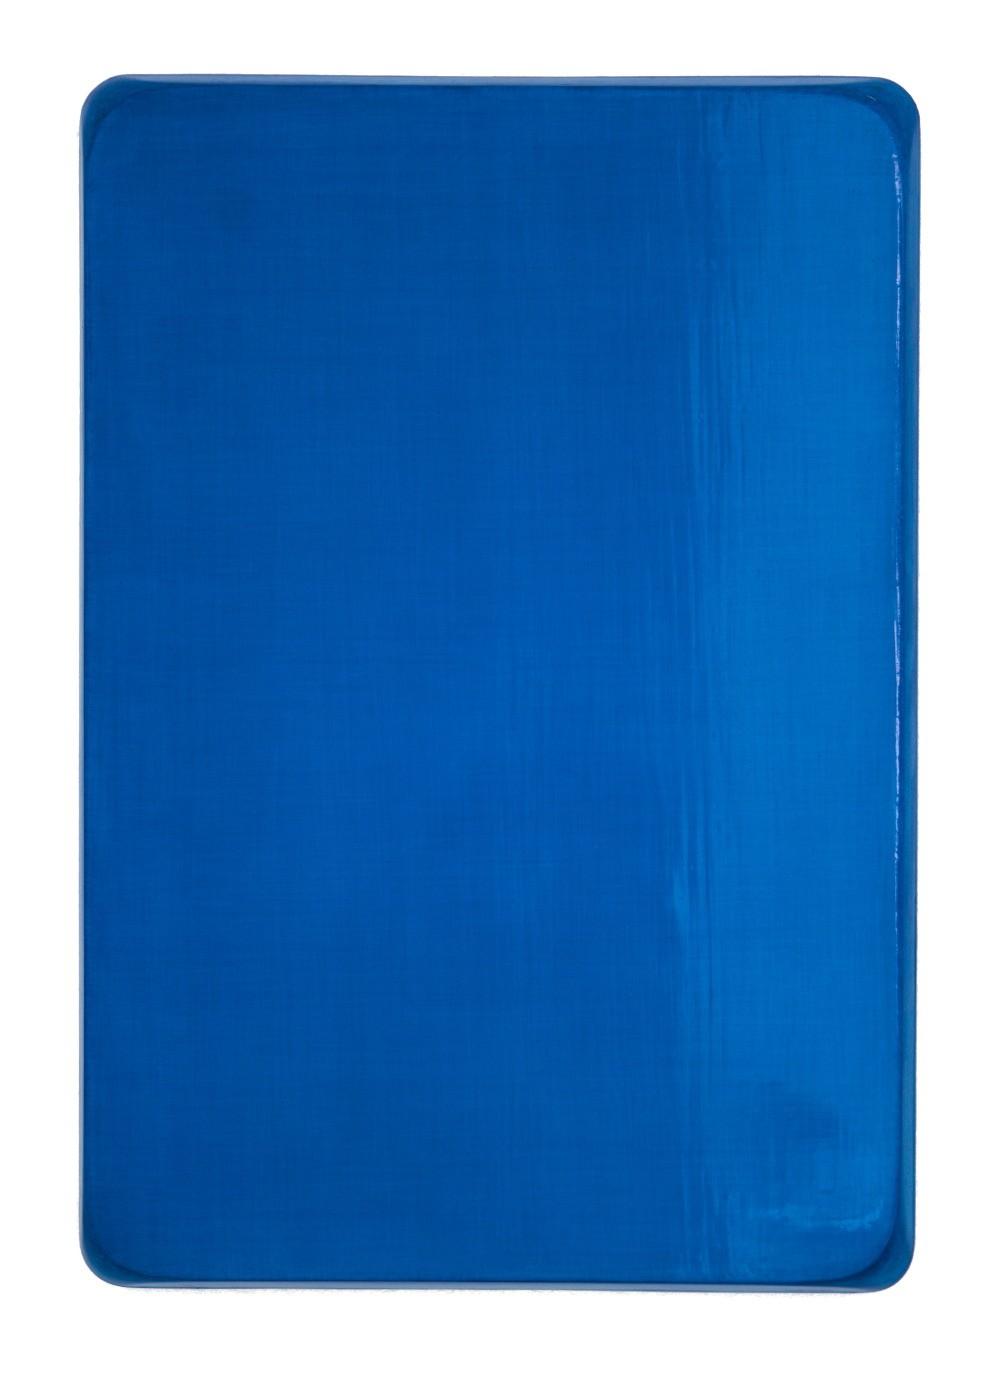 o.T. / Heliocoelinblau, Ultramarinfeinst, Aquarell auf Gips und Medium, 35 x 25 cm, 2008